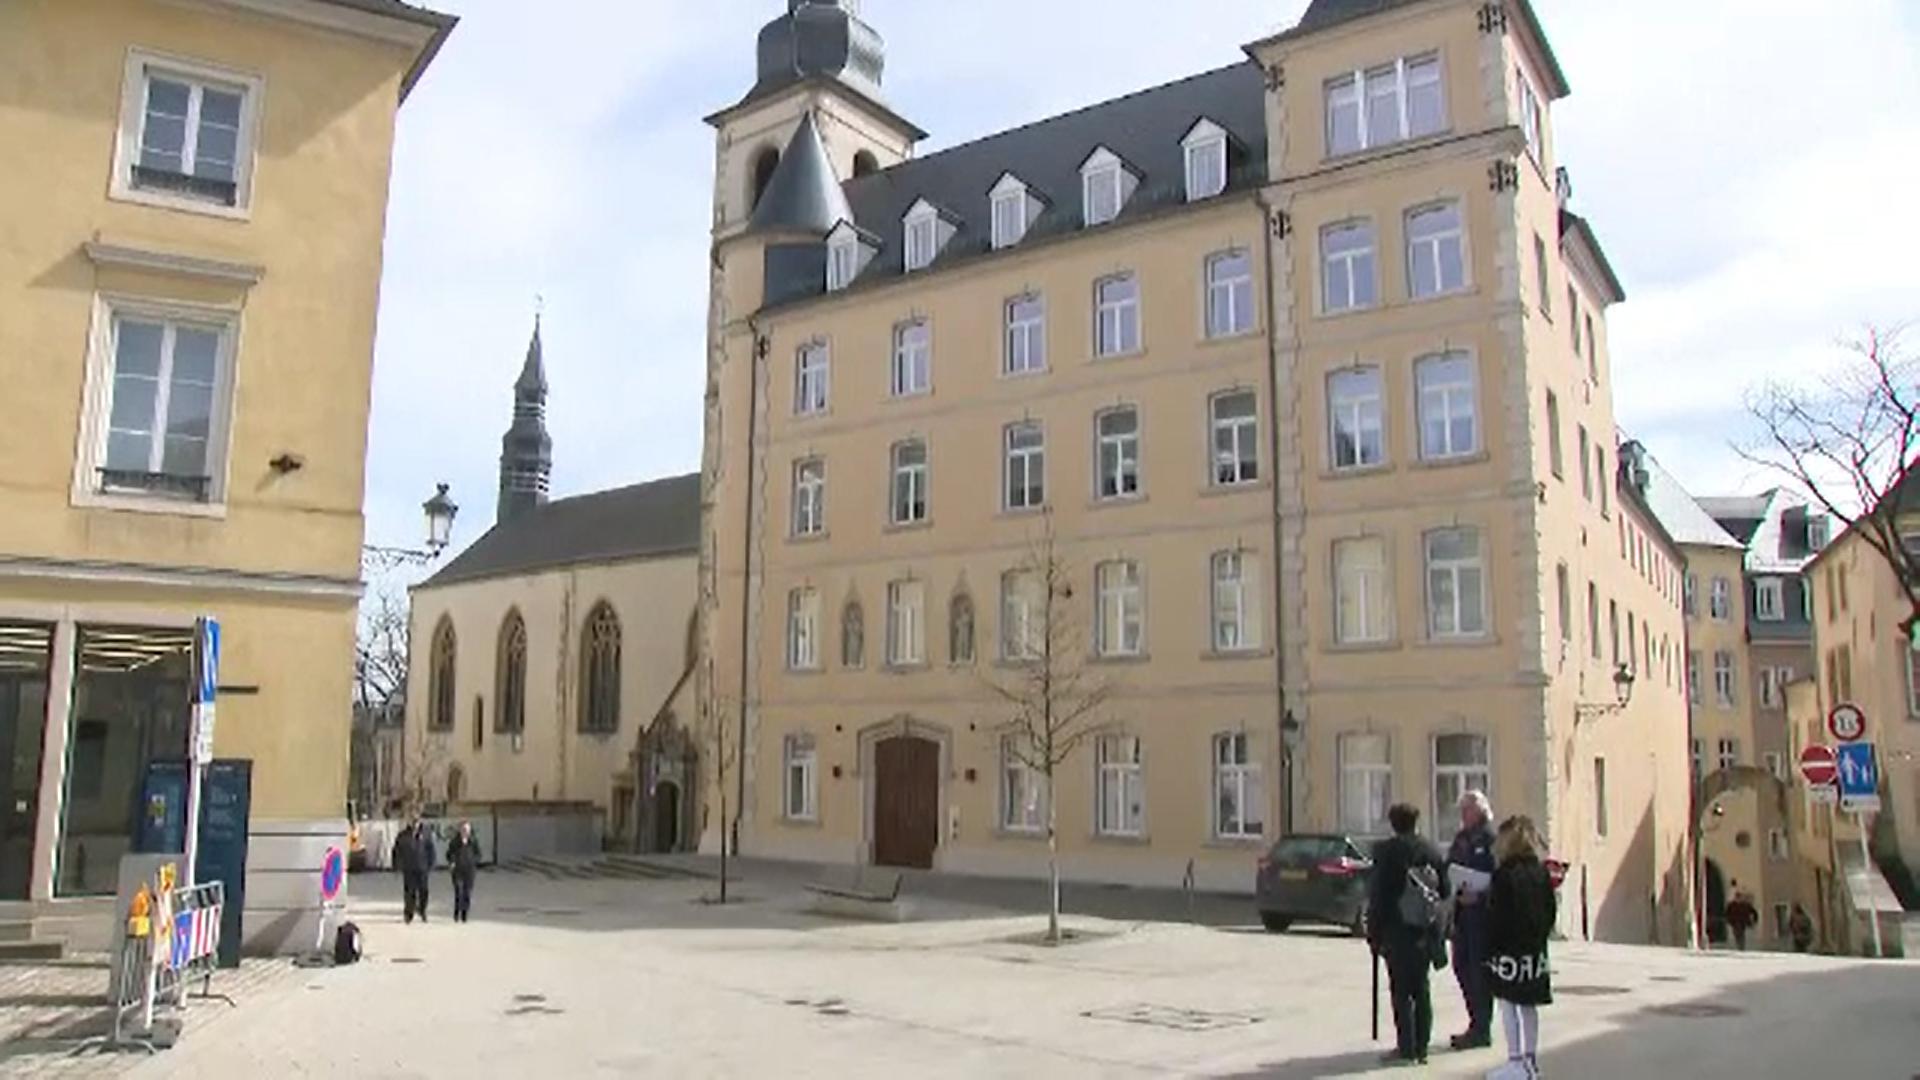 Mănăstire transformată într-un complex cu apartamente de lux în Luxemburg